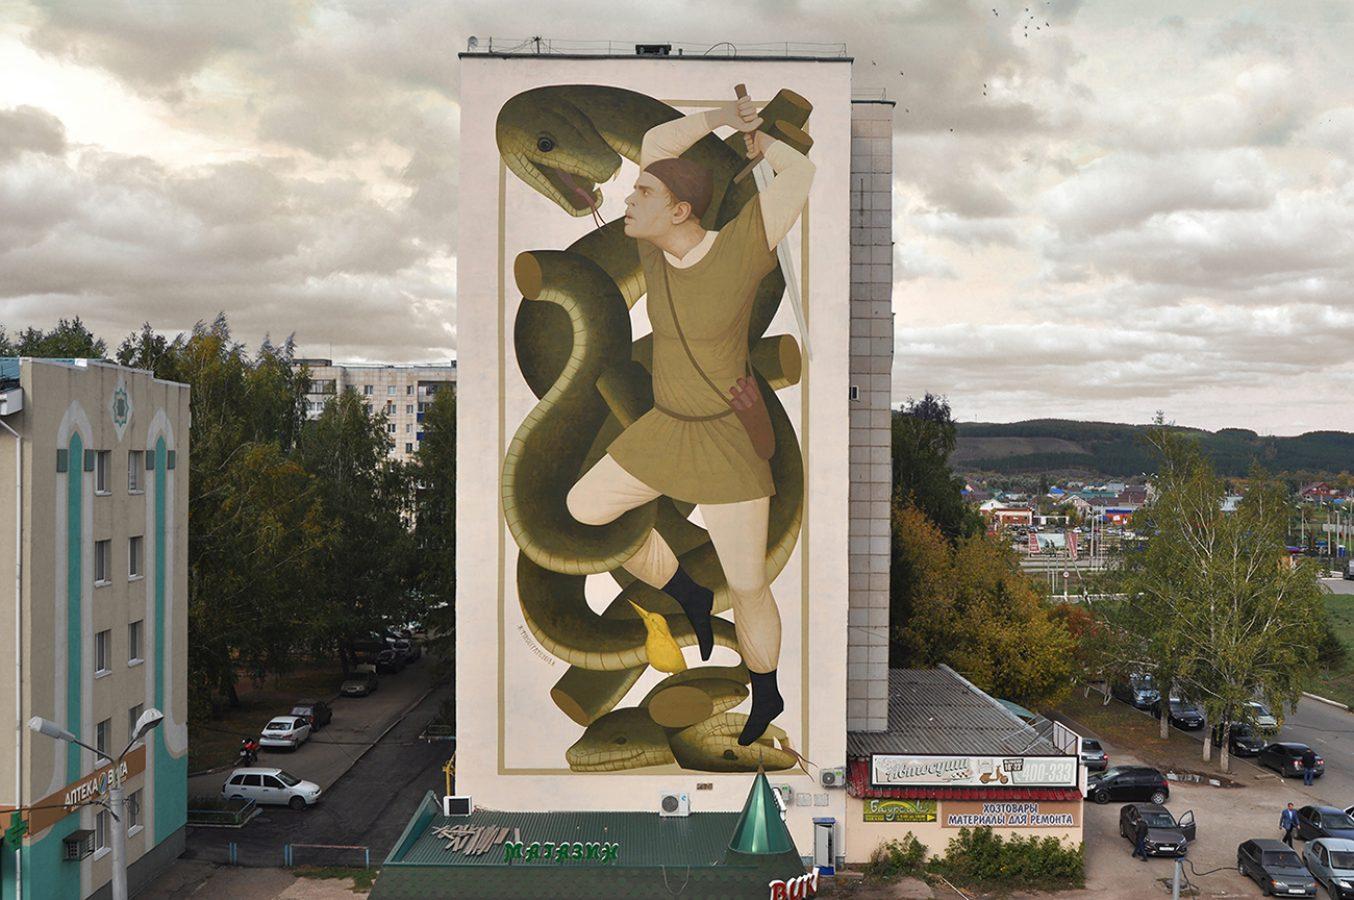 Fikos street art Almetyevsk Tatarstan Russia